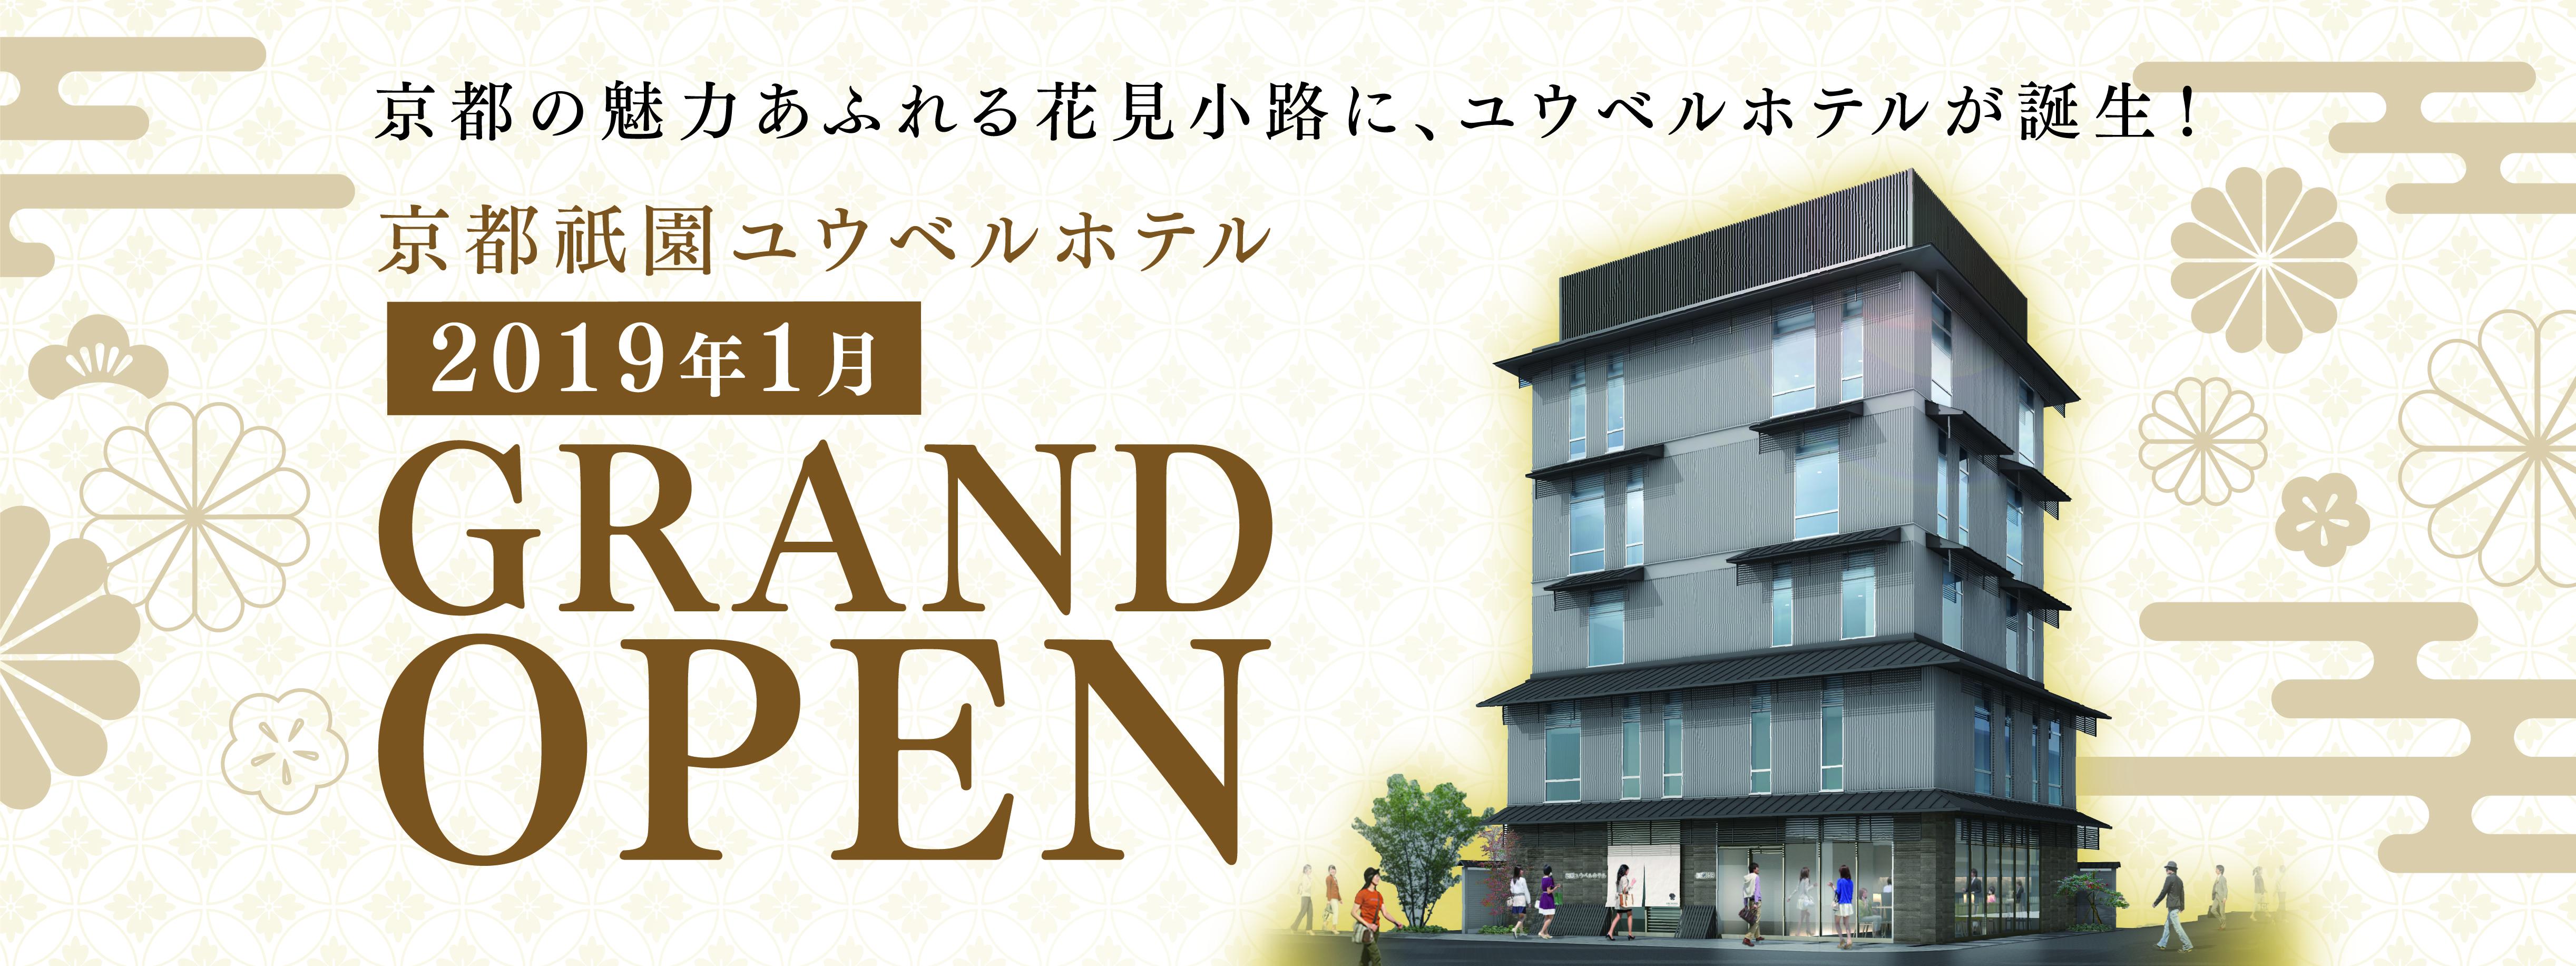 京都祇園ユウベルホテル2019年1月GRAND OPEN